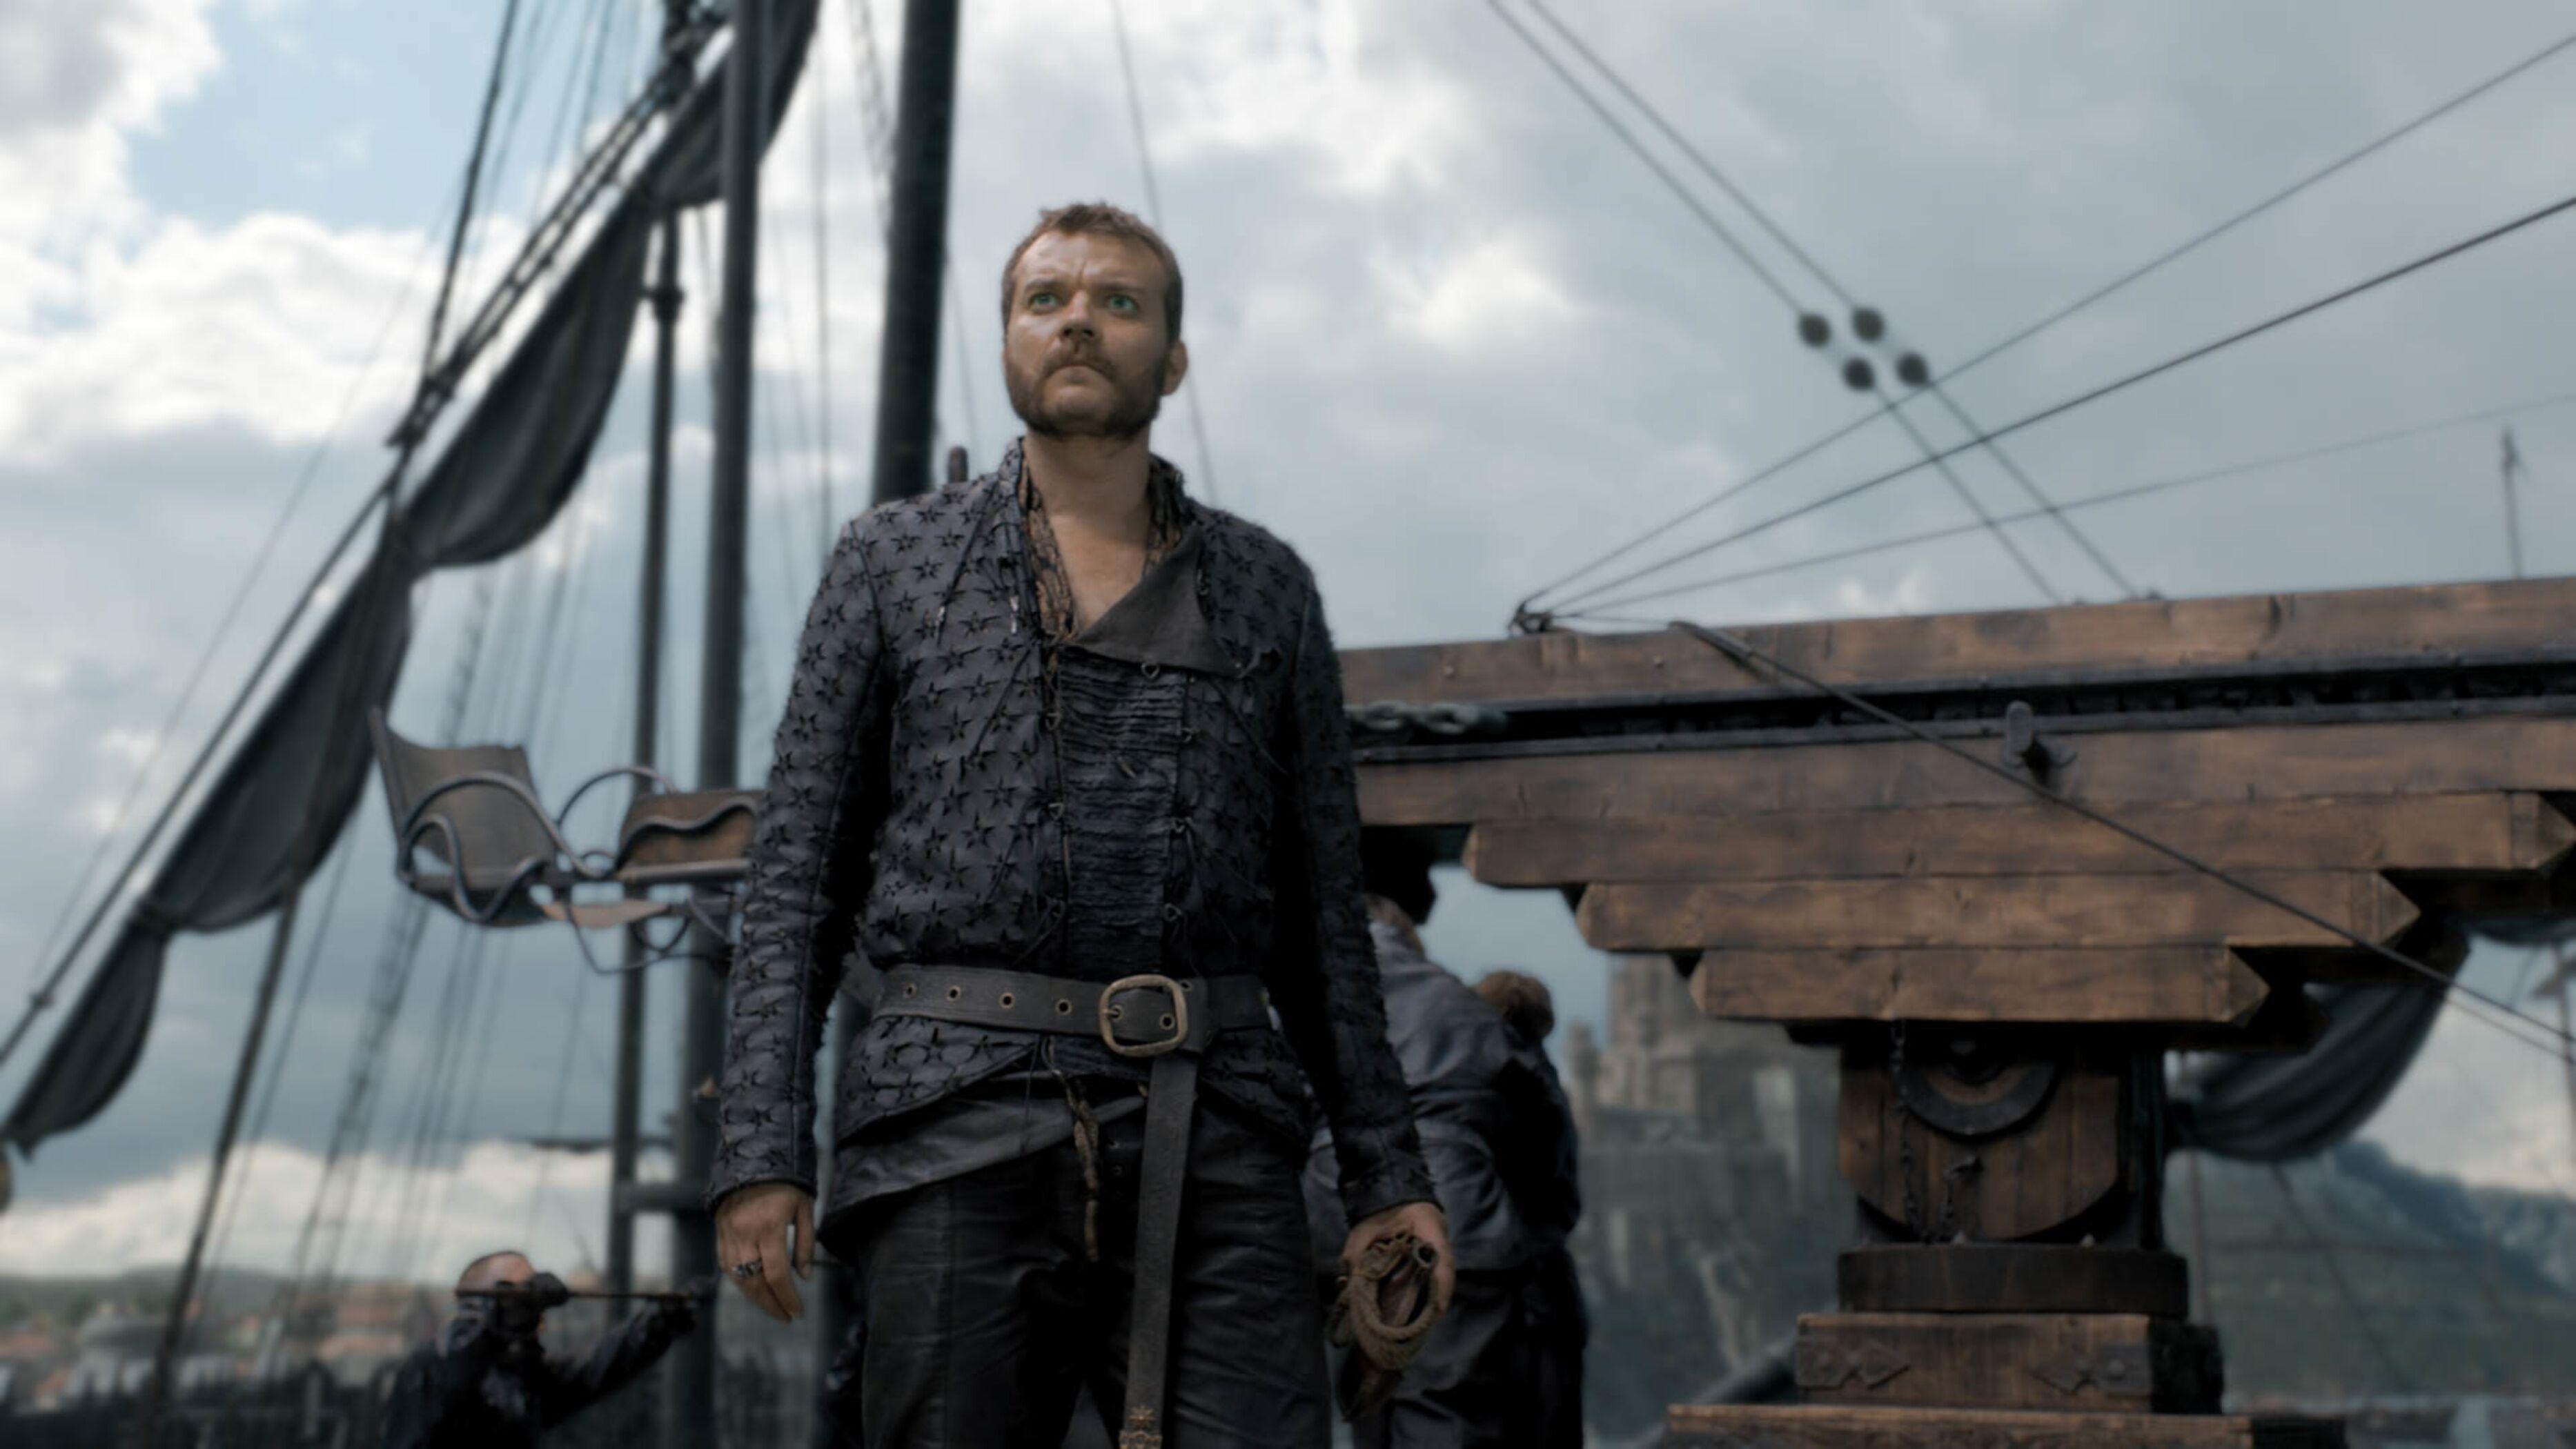 Game of Thrones season 8 episode 5 / Pilou Asbæk as Euron Greyjoy - Photo: Courtesy of HBO